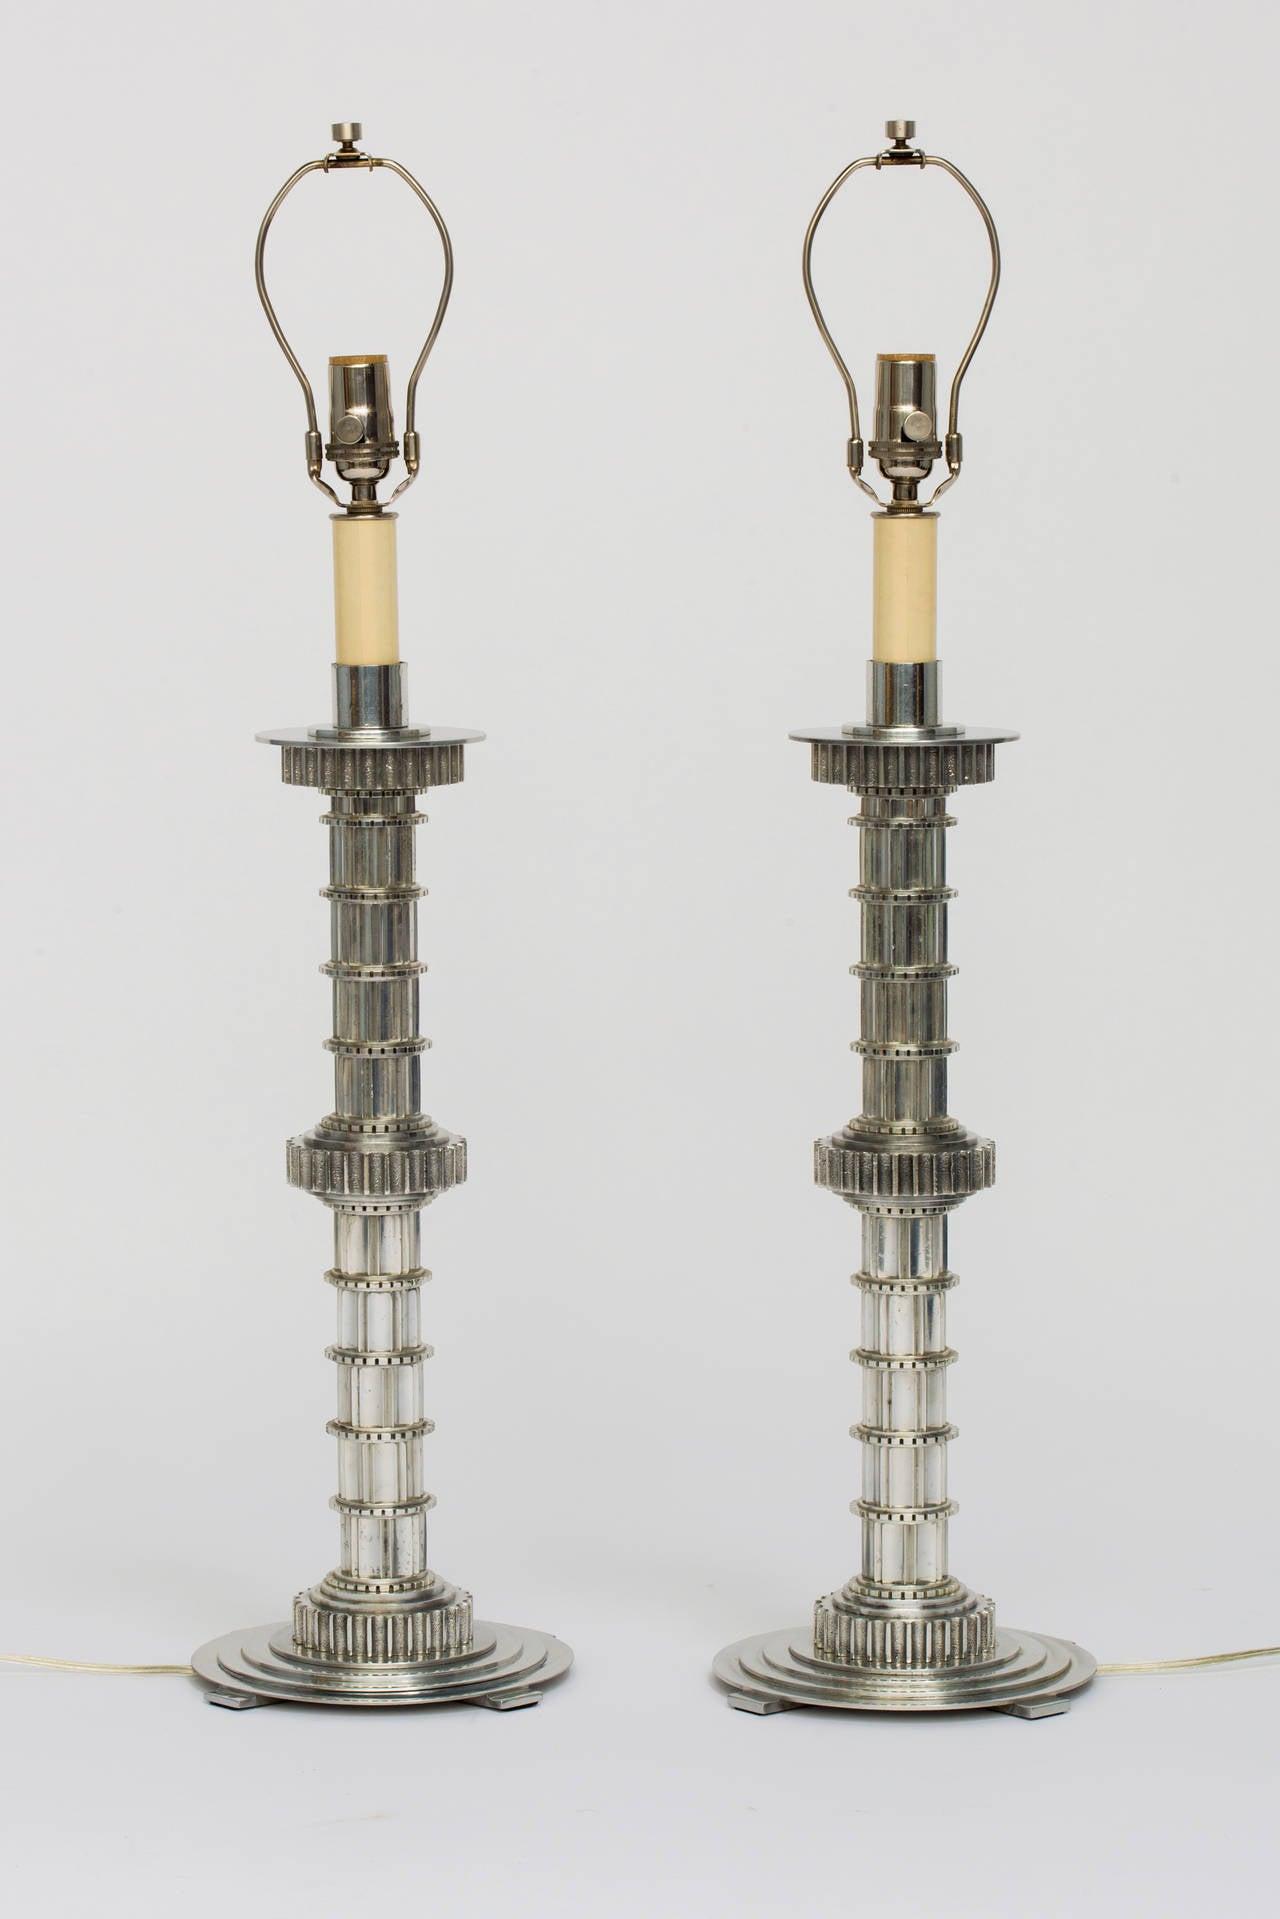 Pair of solid cast aluminum lamps.